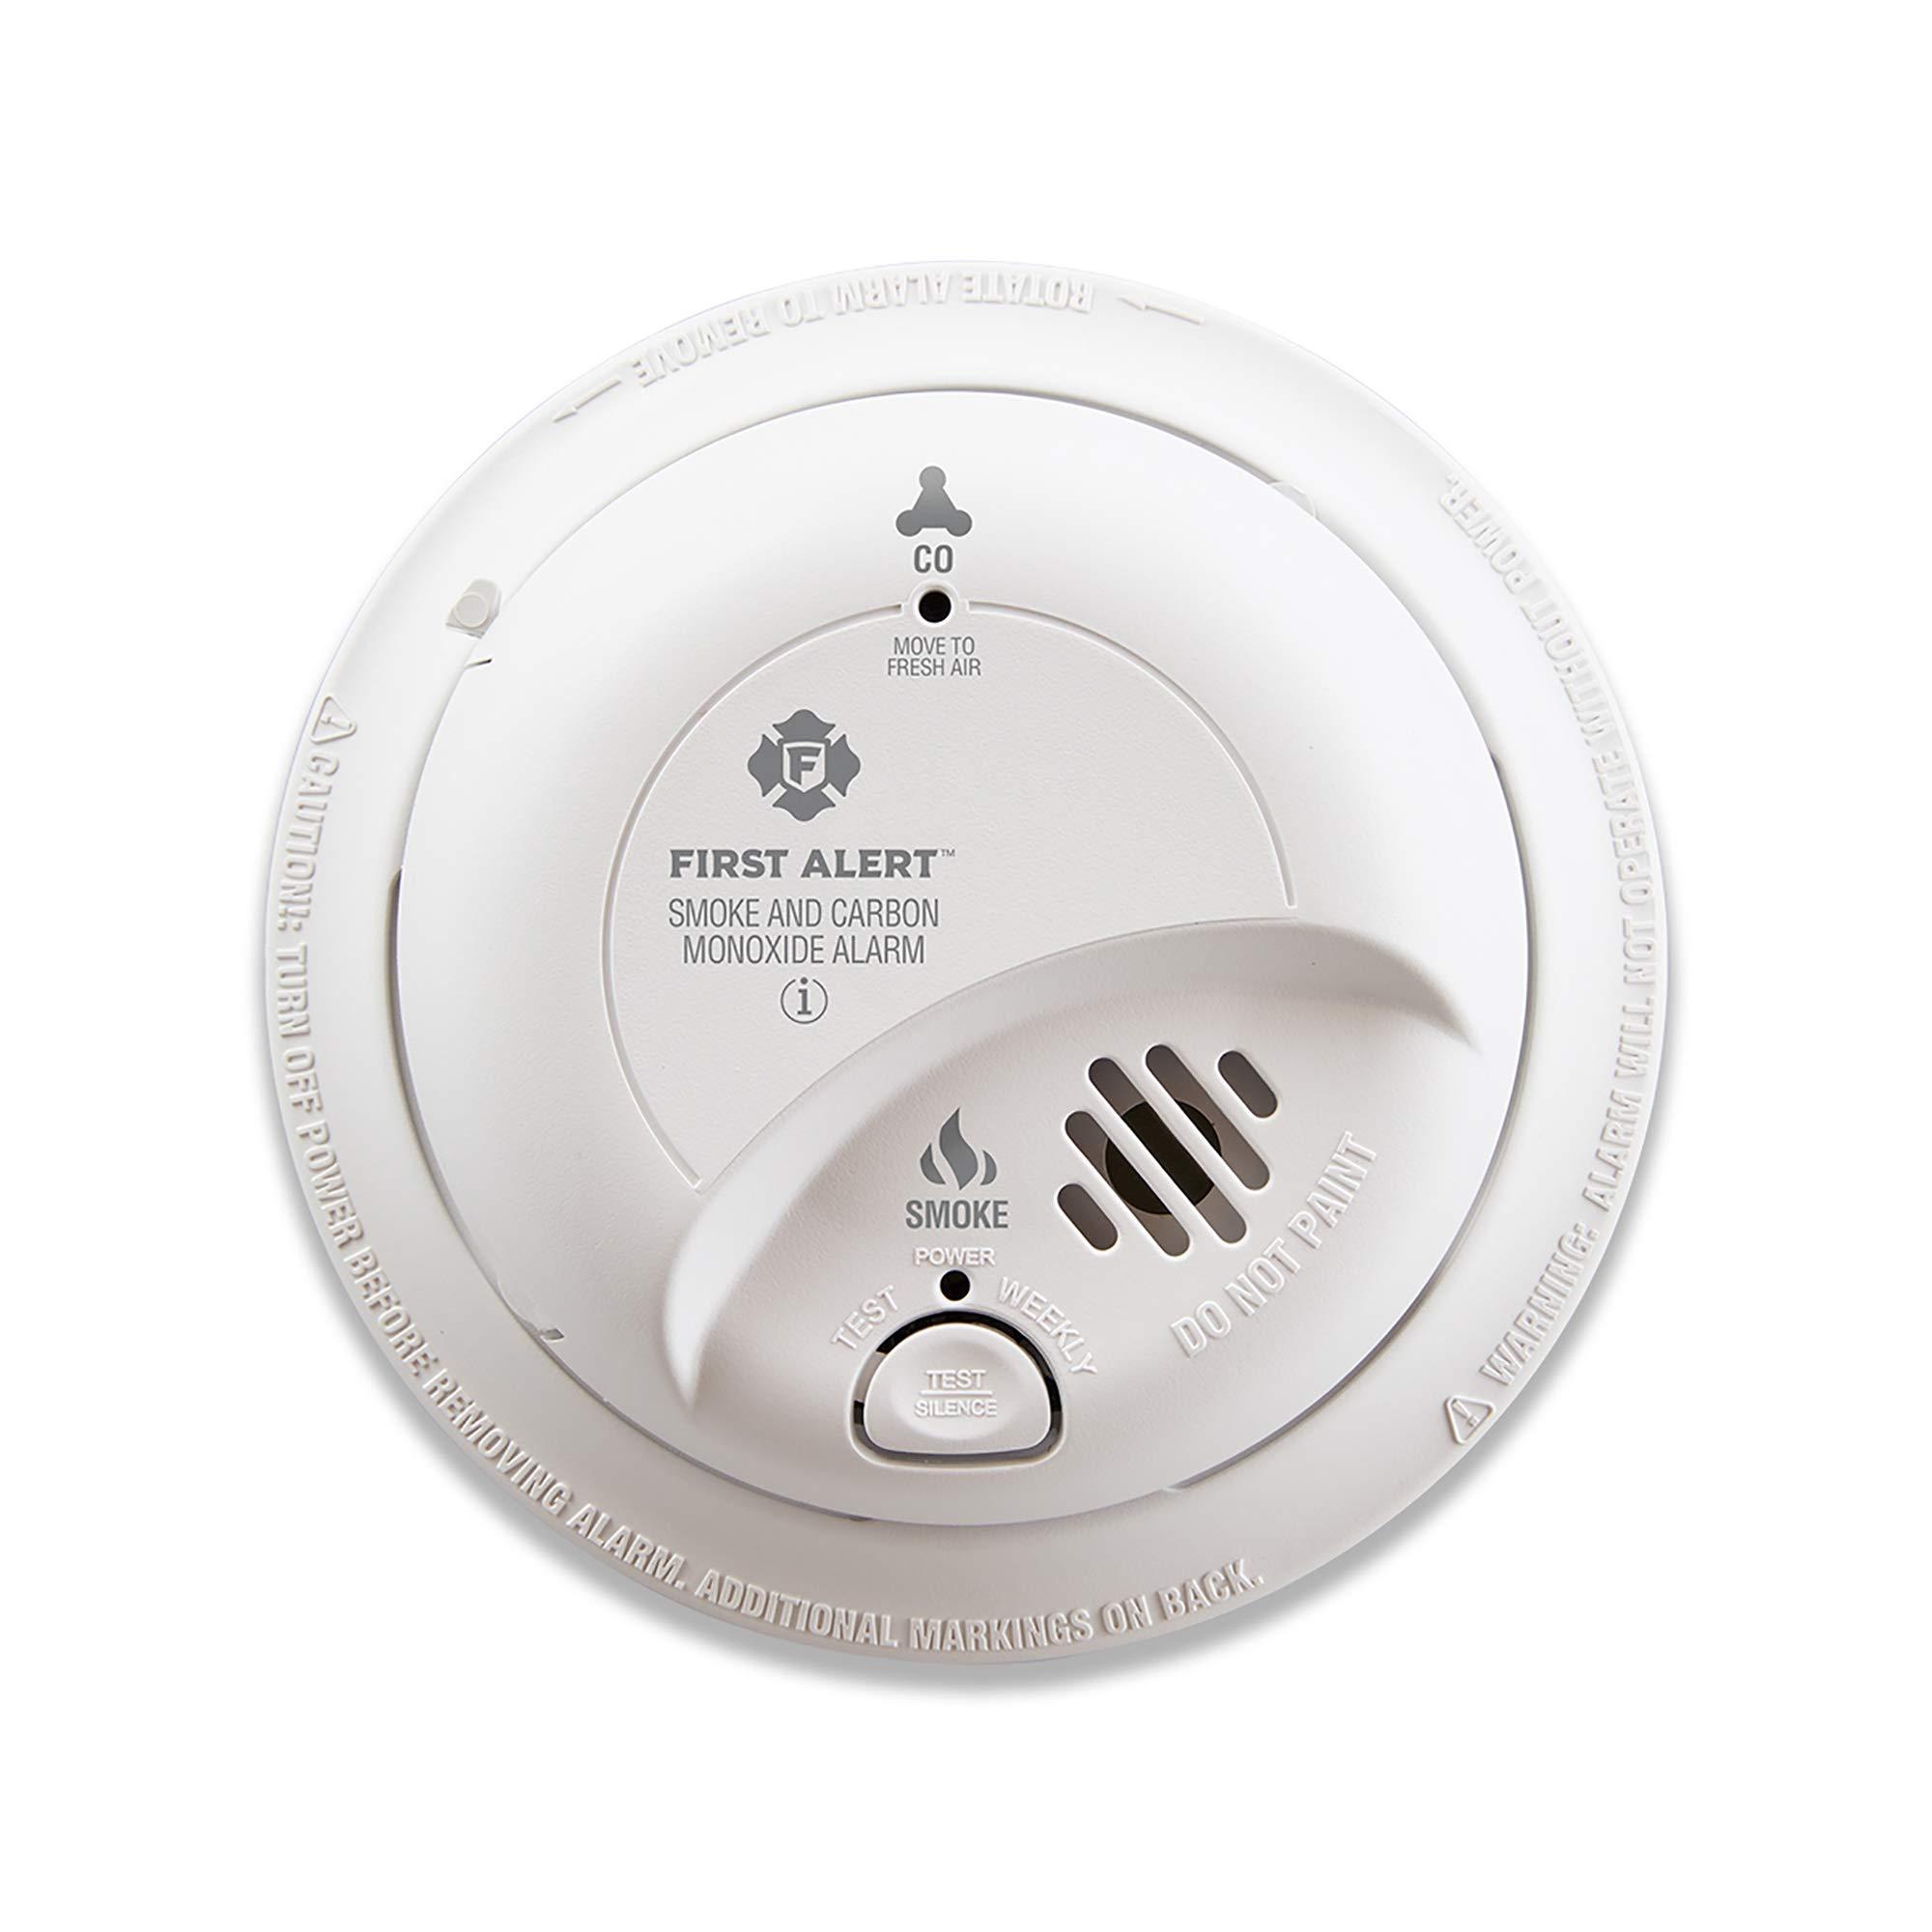 Super Smoke Detector Firex 120 1072B Wiring Diagram Better Wiring Wiring Digital Resources Attrlexorcompassionincorg